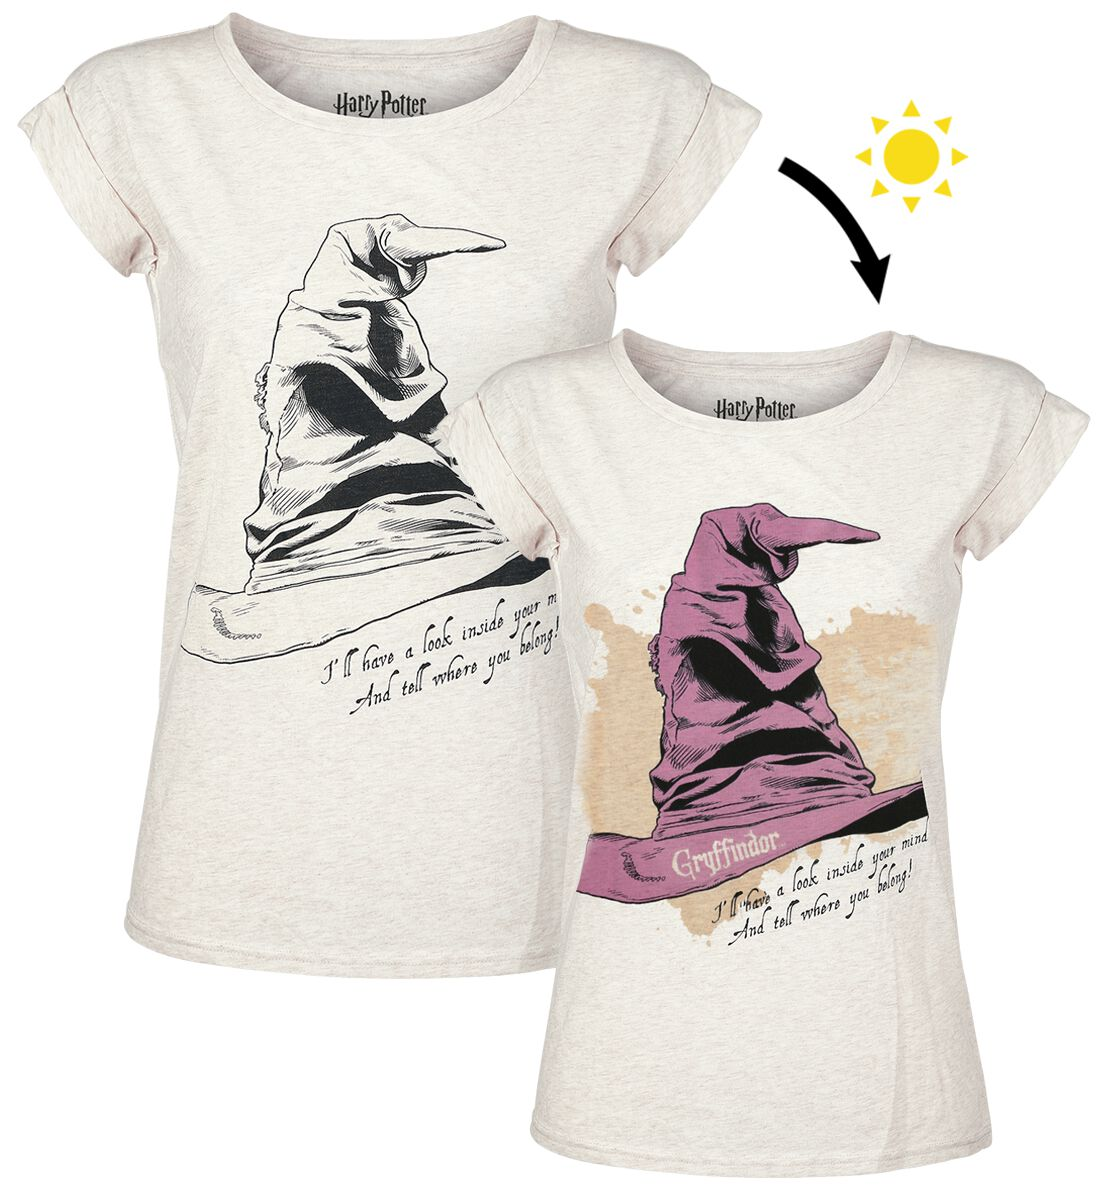 Image of   Harry Potter Der sprechende Hut - Gryffindor Girlie trøje hvid